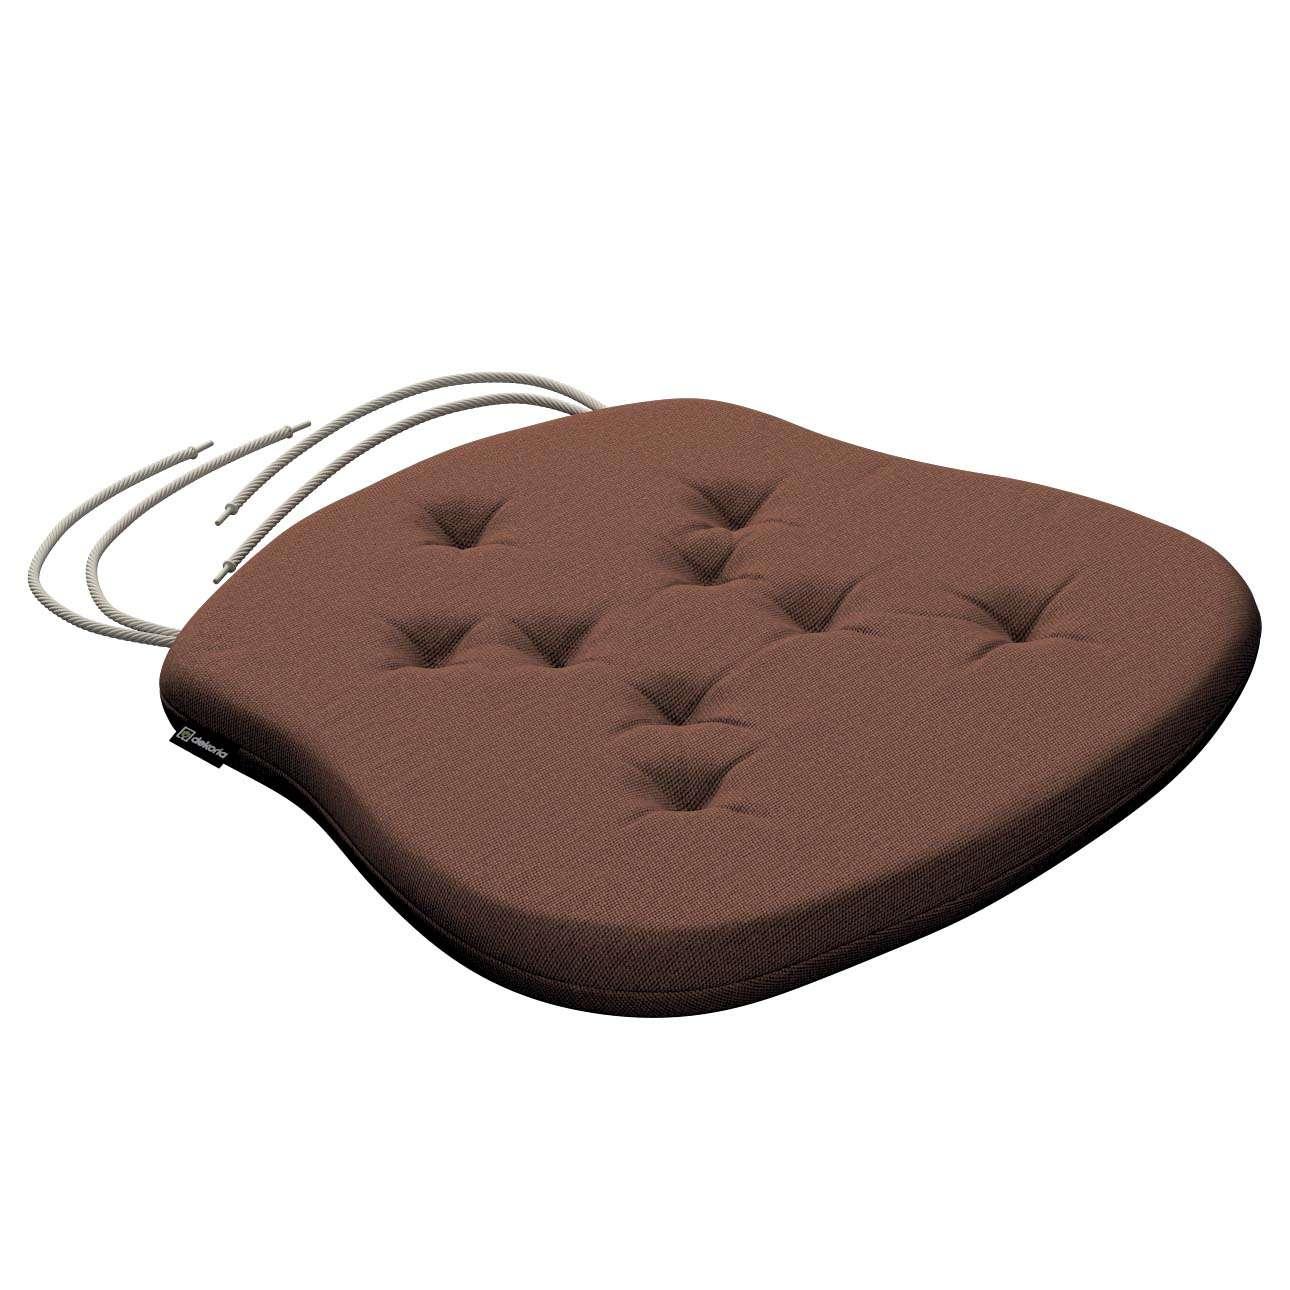 Siedzisko Filip na krzesło 41x38x3,5 cm w kolekcji Loneta, tkanina: 133-09